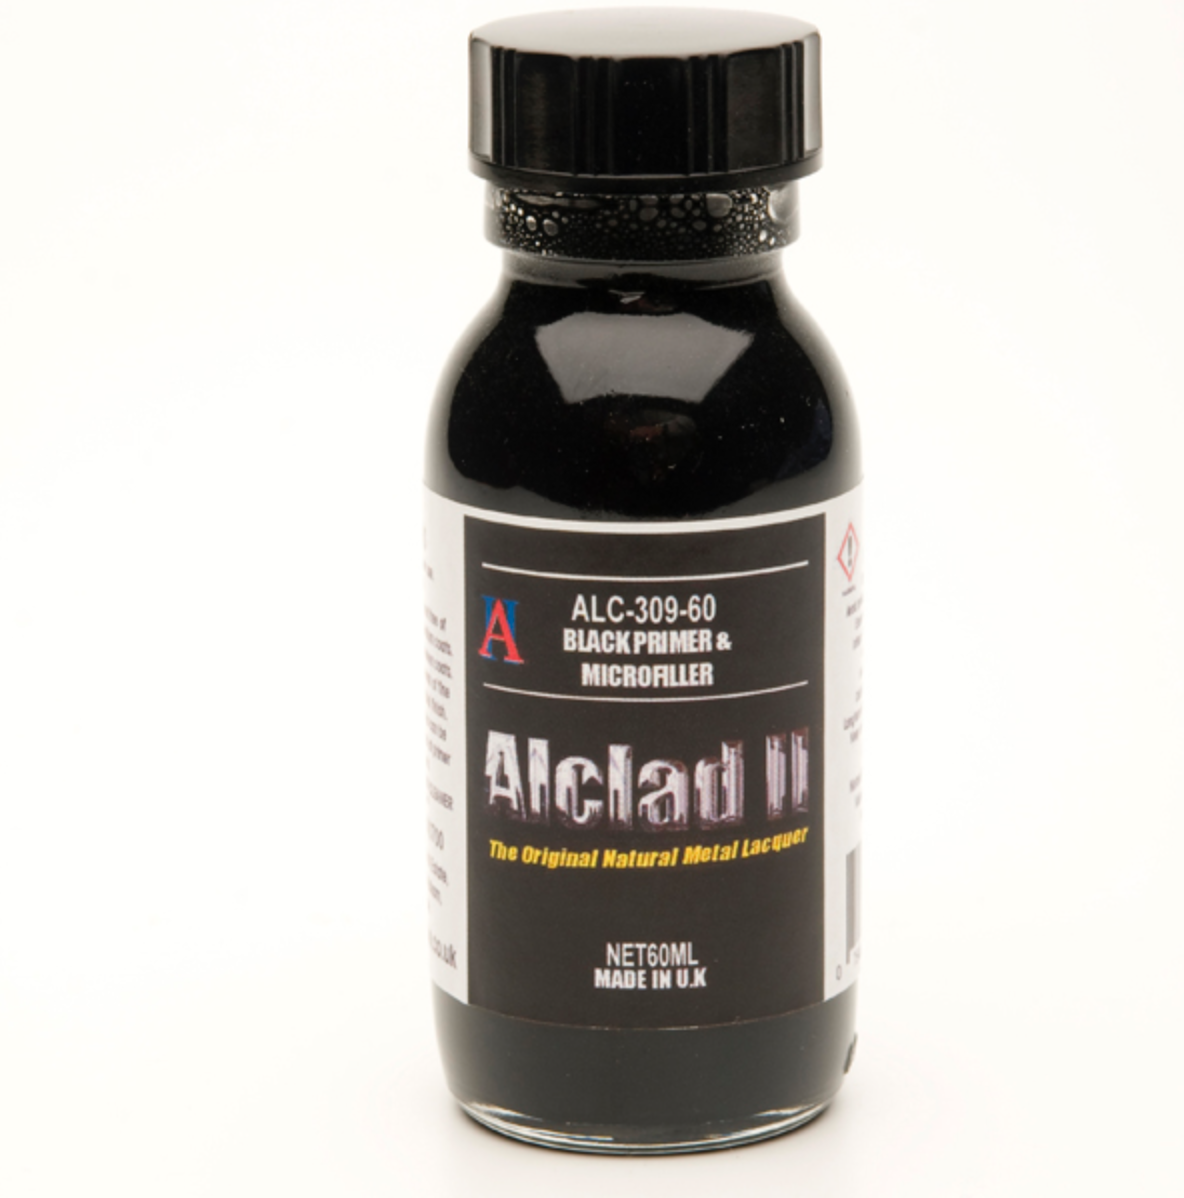 ALC309-60